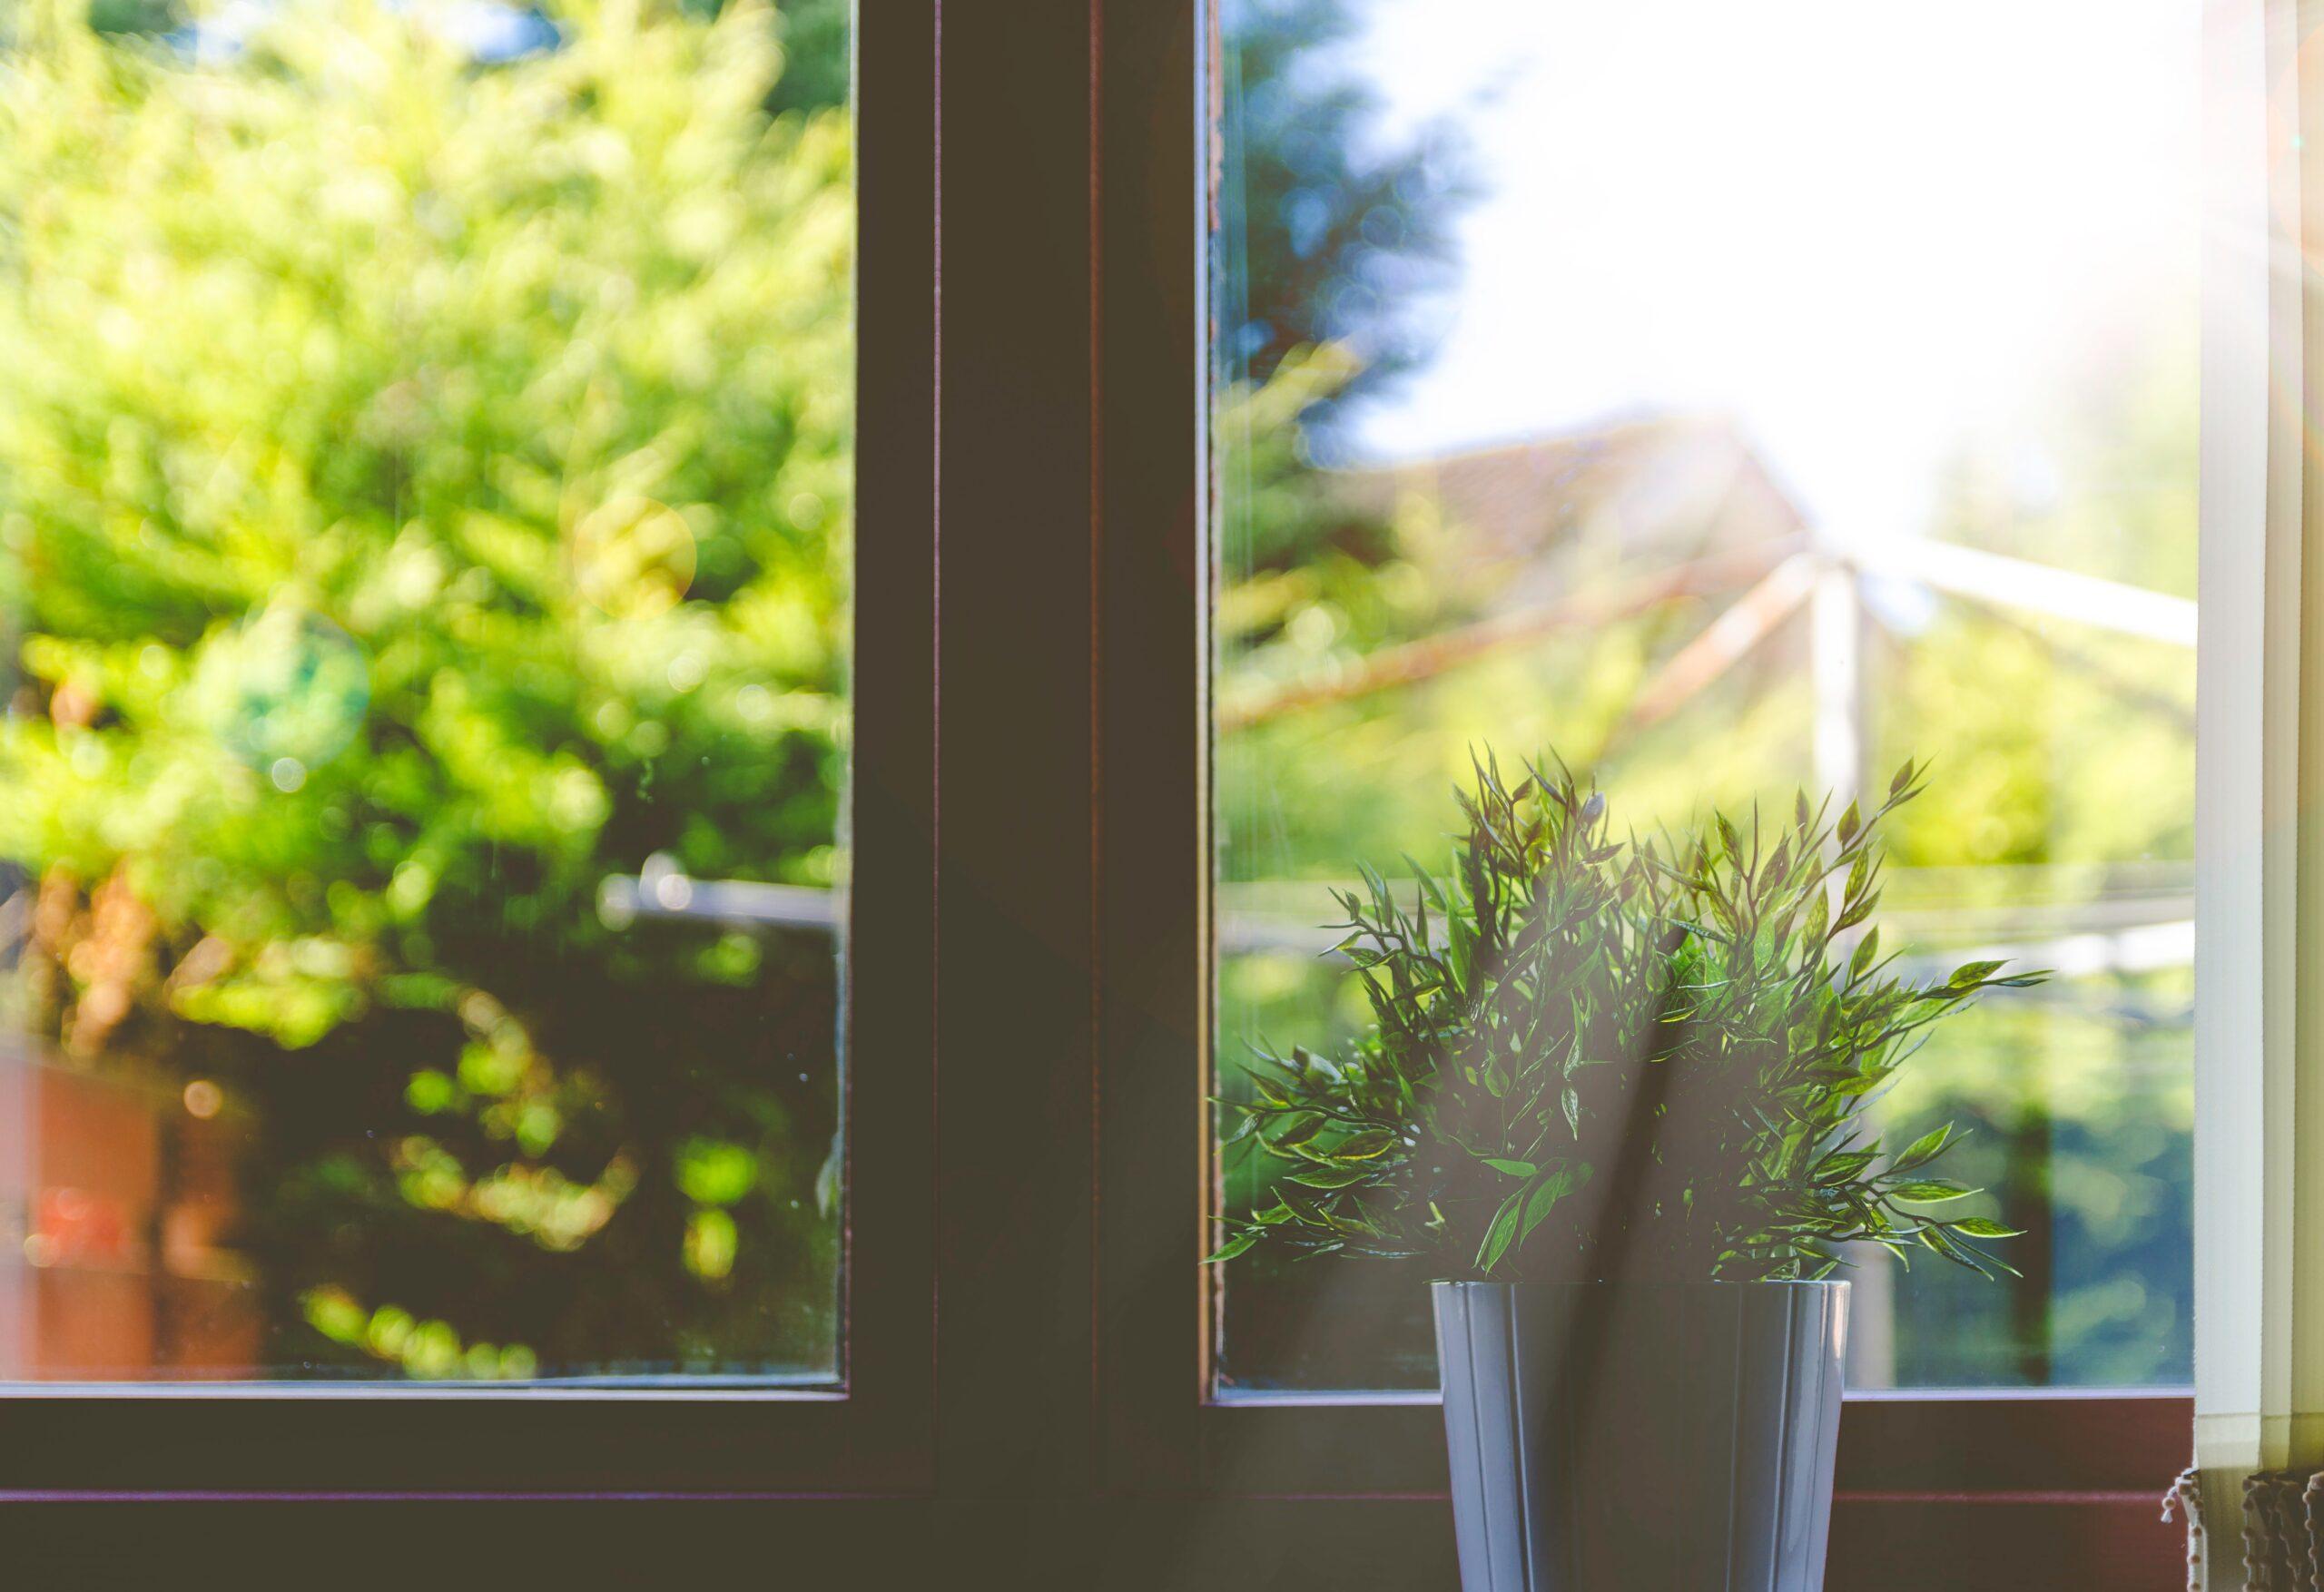 Full Size of Streifenfrei Fenster Putzen Mit Unseren Tipps Wohnklamotte Bremen Obi Reinigen Türen Austauschen Einbau Velux Dreh Kipp Jalousien Landhaus Roro Einbauen Wohnzimmer Teleskopstange Fenster Putzen